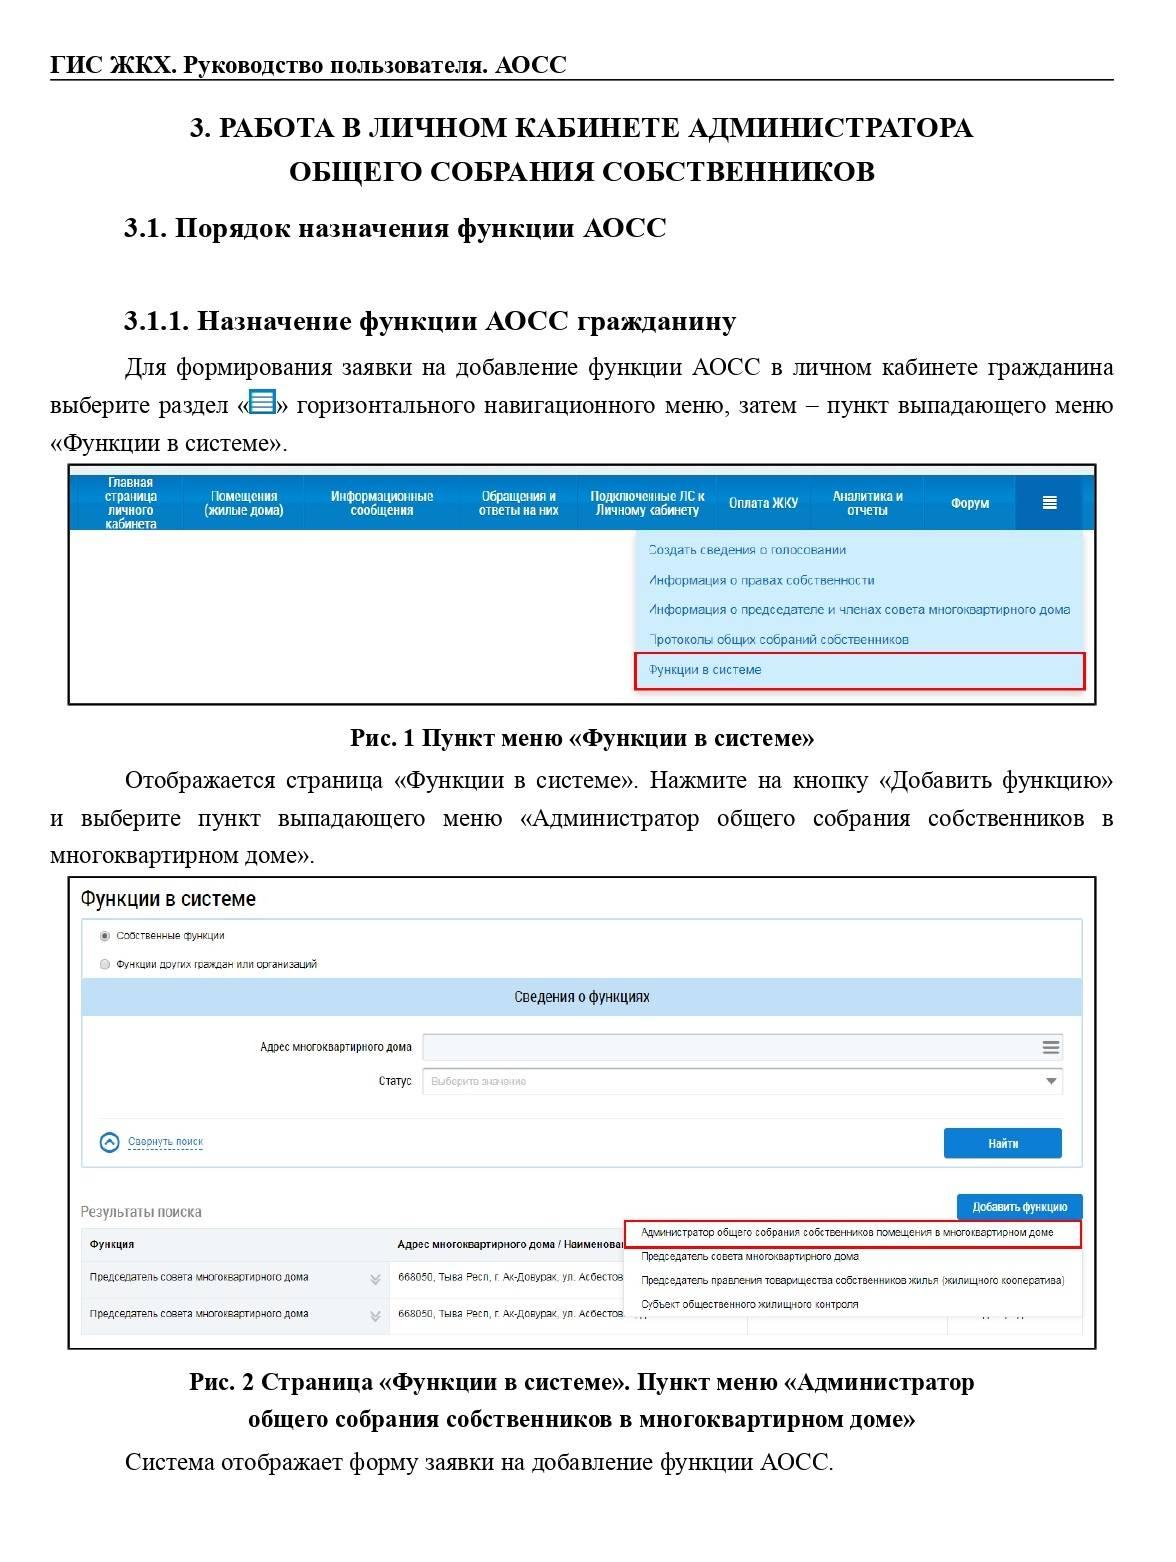 В инструкции администратора ОСС в ГИСЖКХ подробно написано, как получить статус администратора